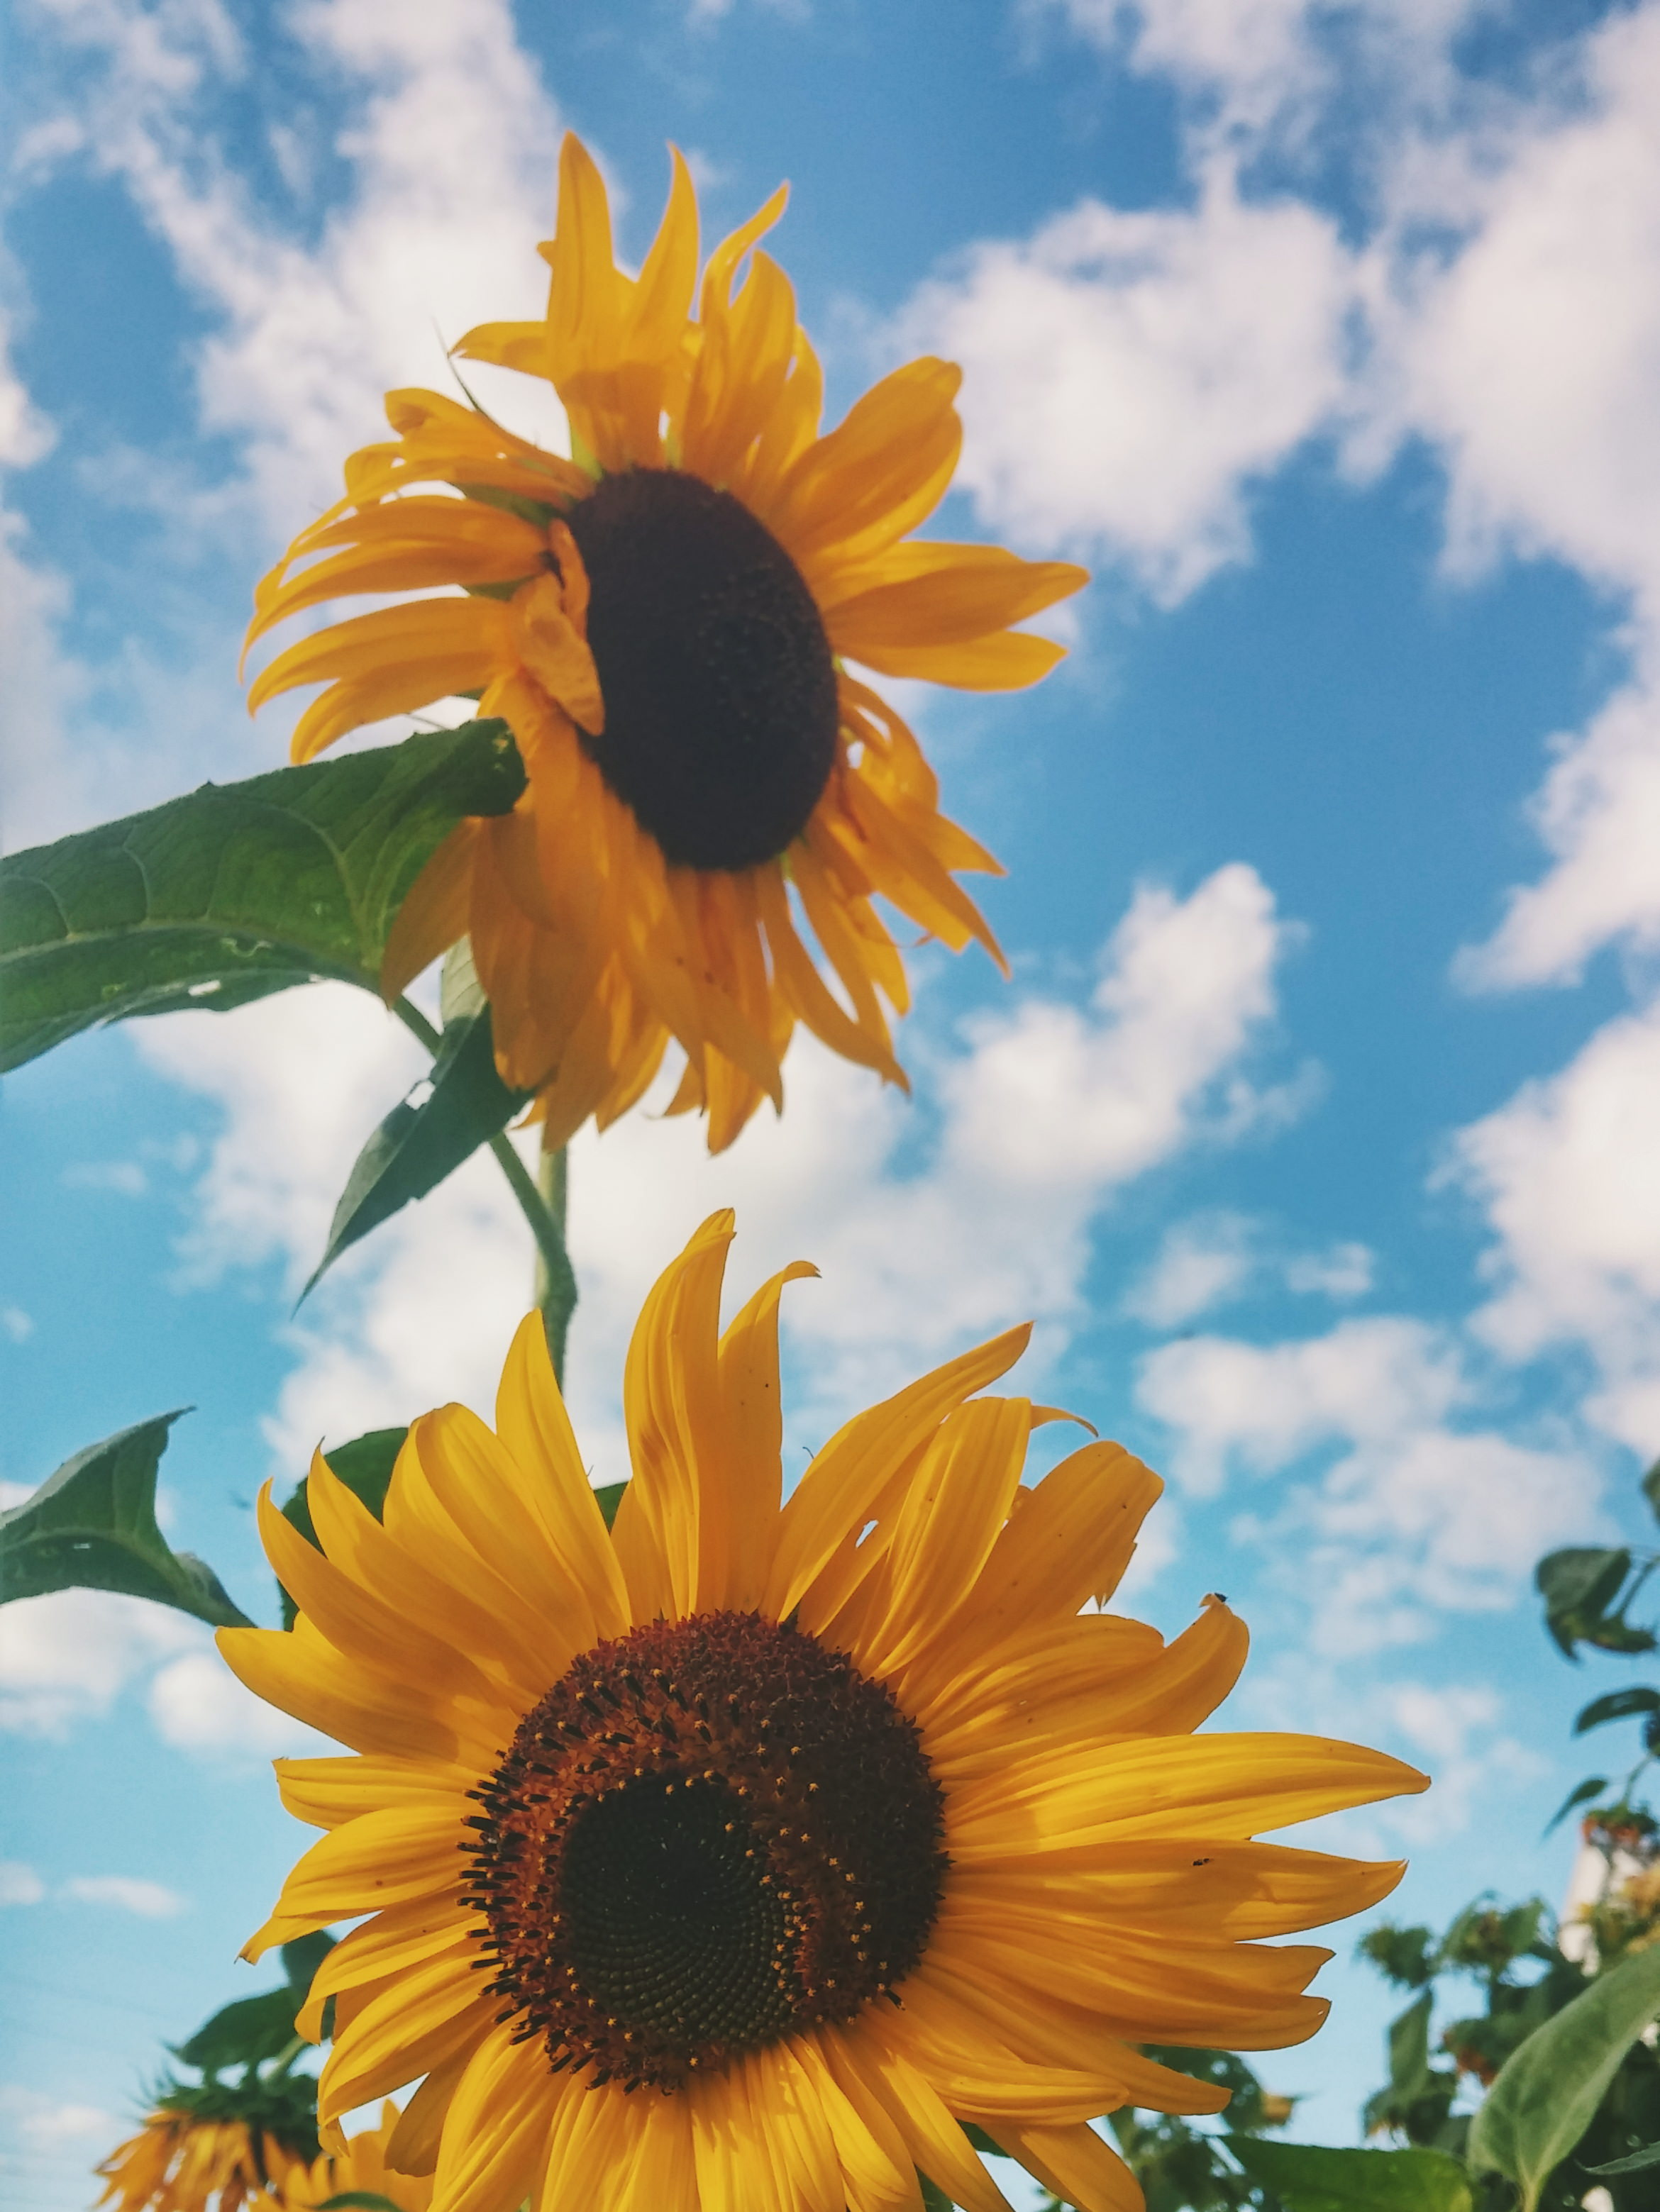 周囲にいい影響を与える人に育ってほしい。私達の子育ての、その先にあるもの。